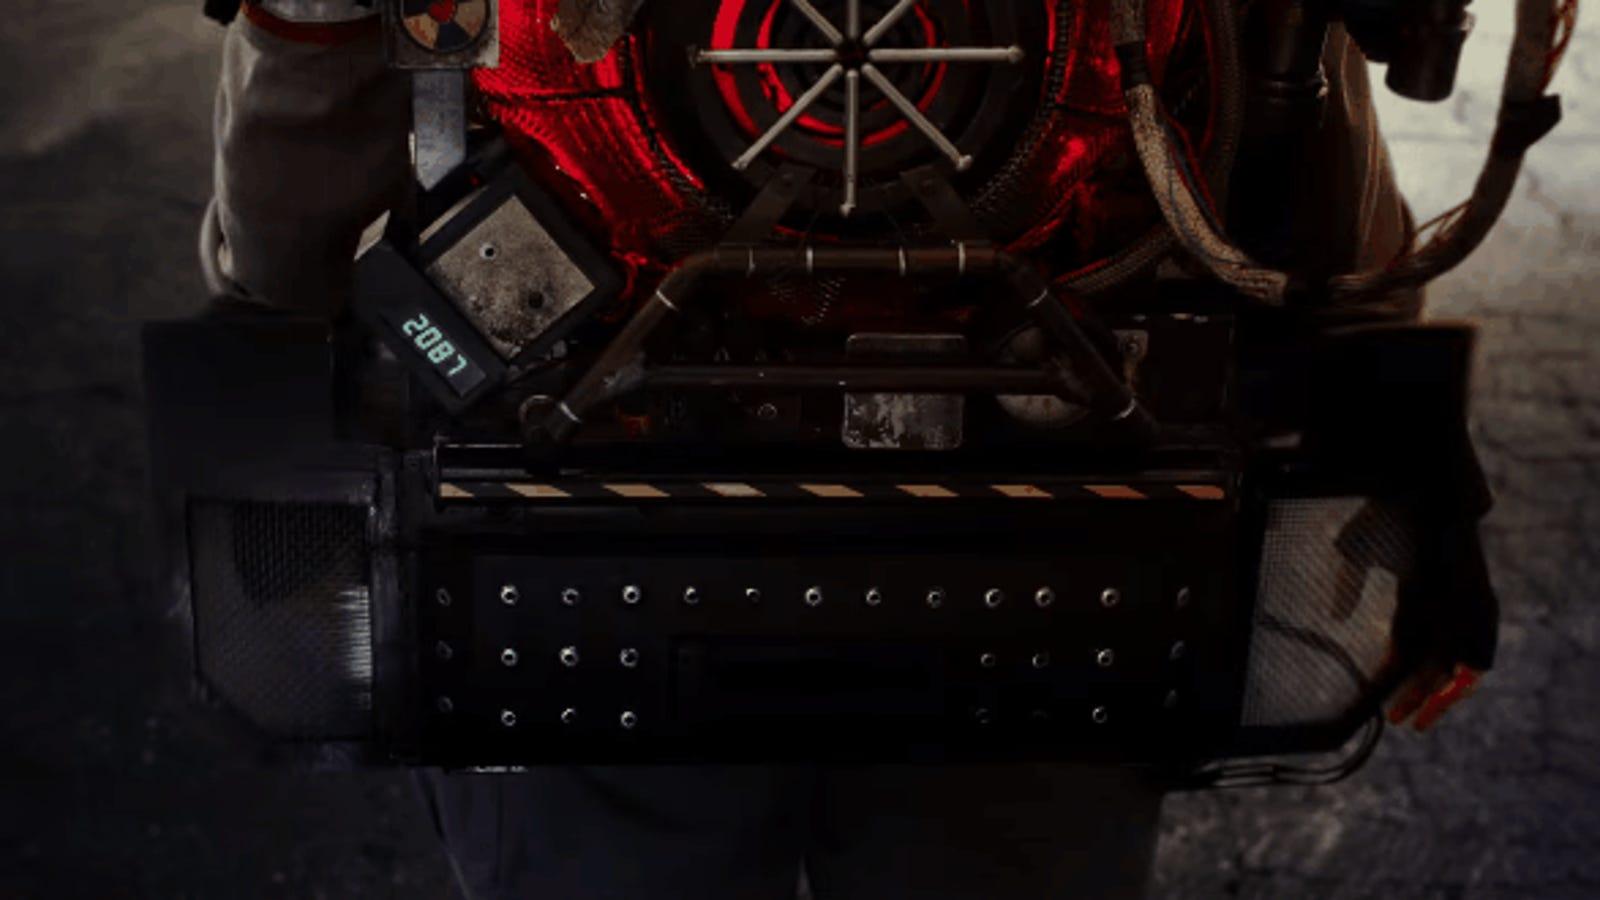 Este tráiler de la nueva Ghostbusters hecho por un fanático es sencillamente perfecto